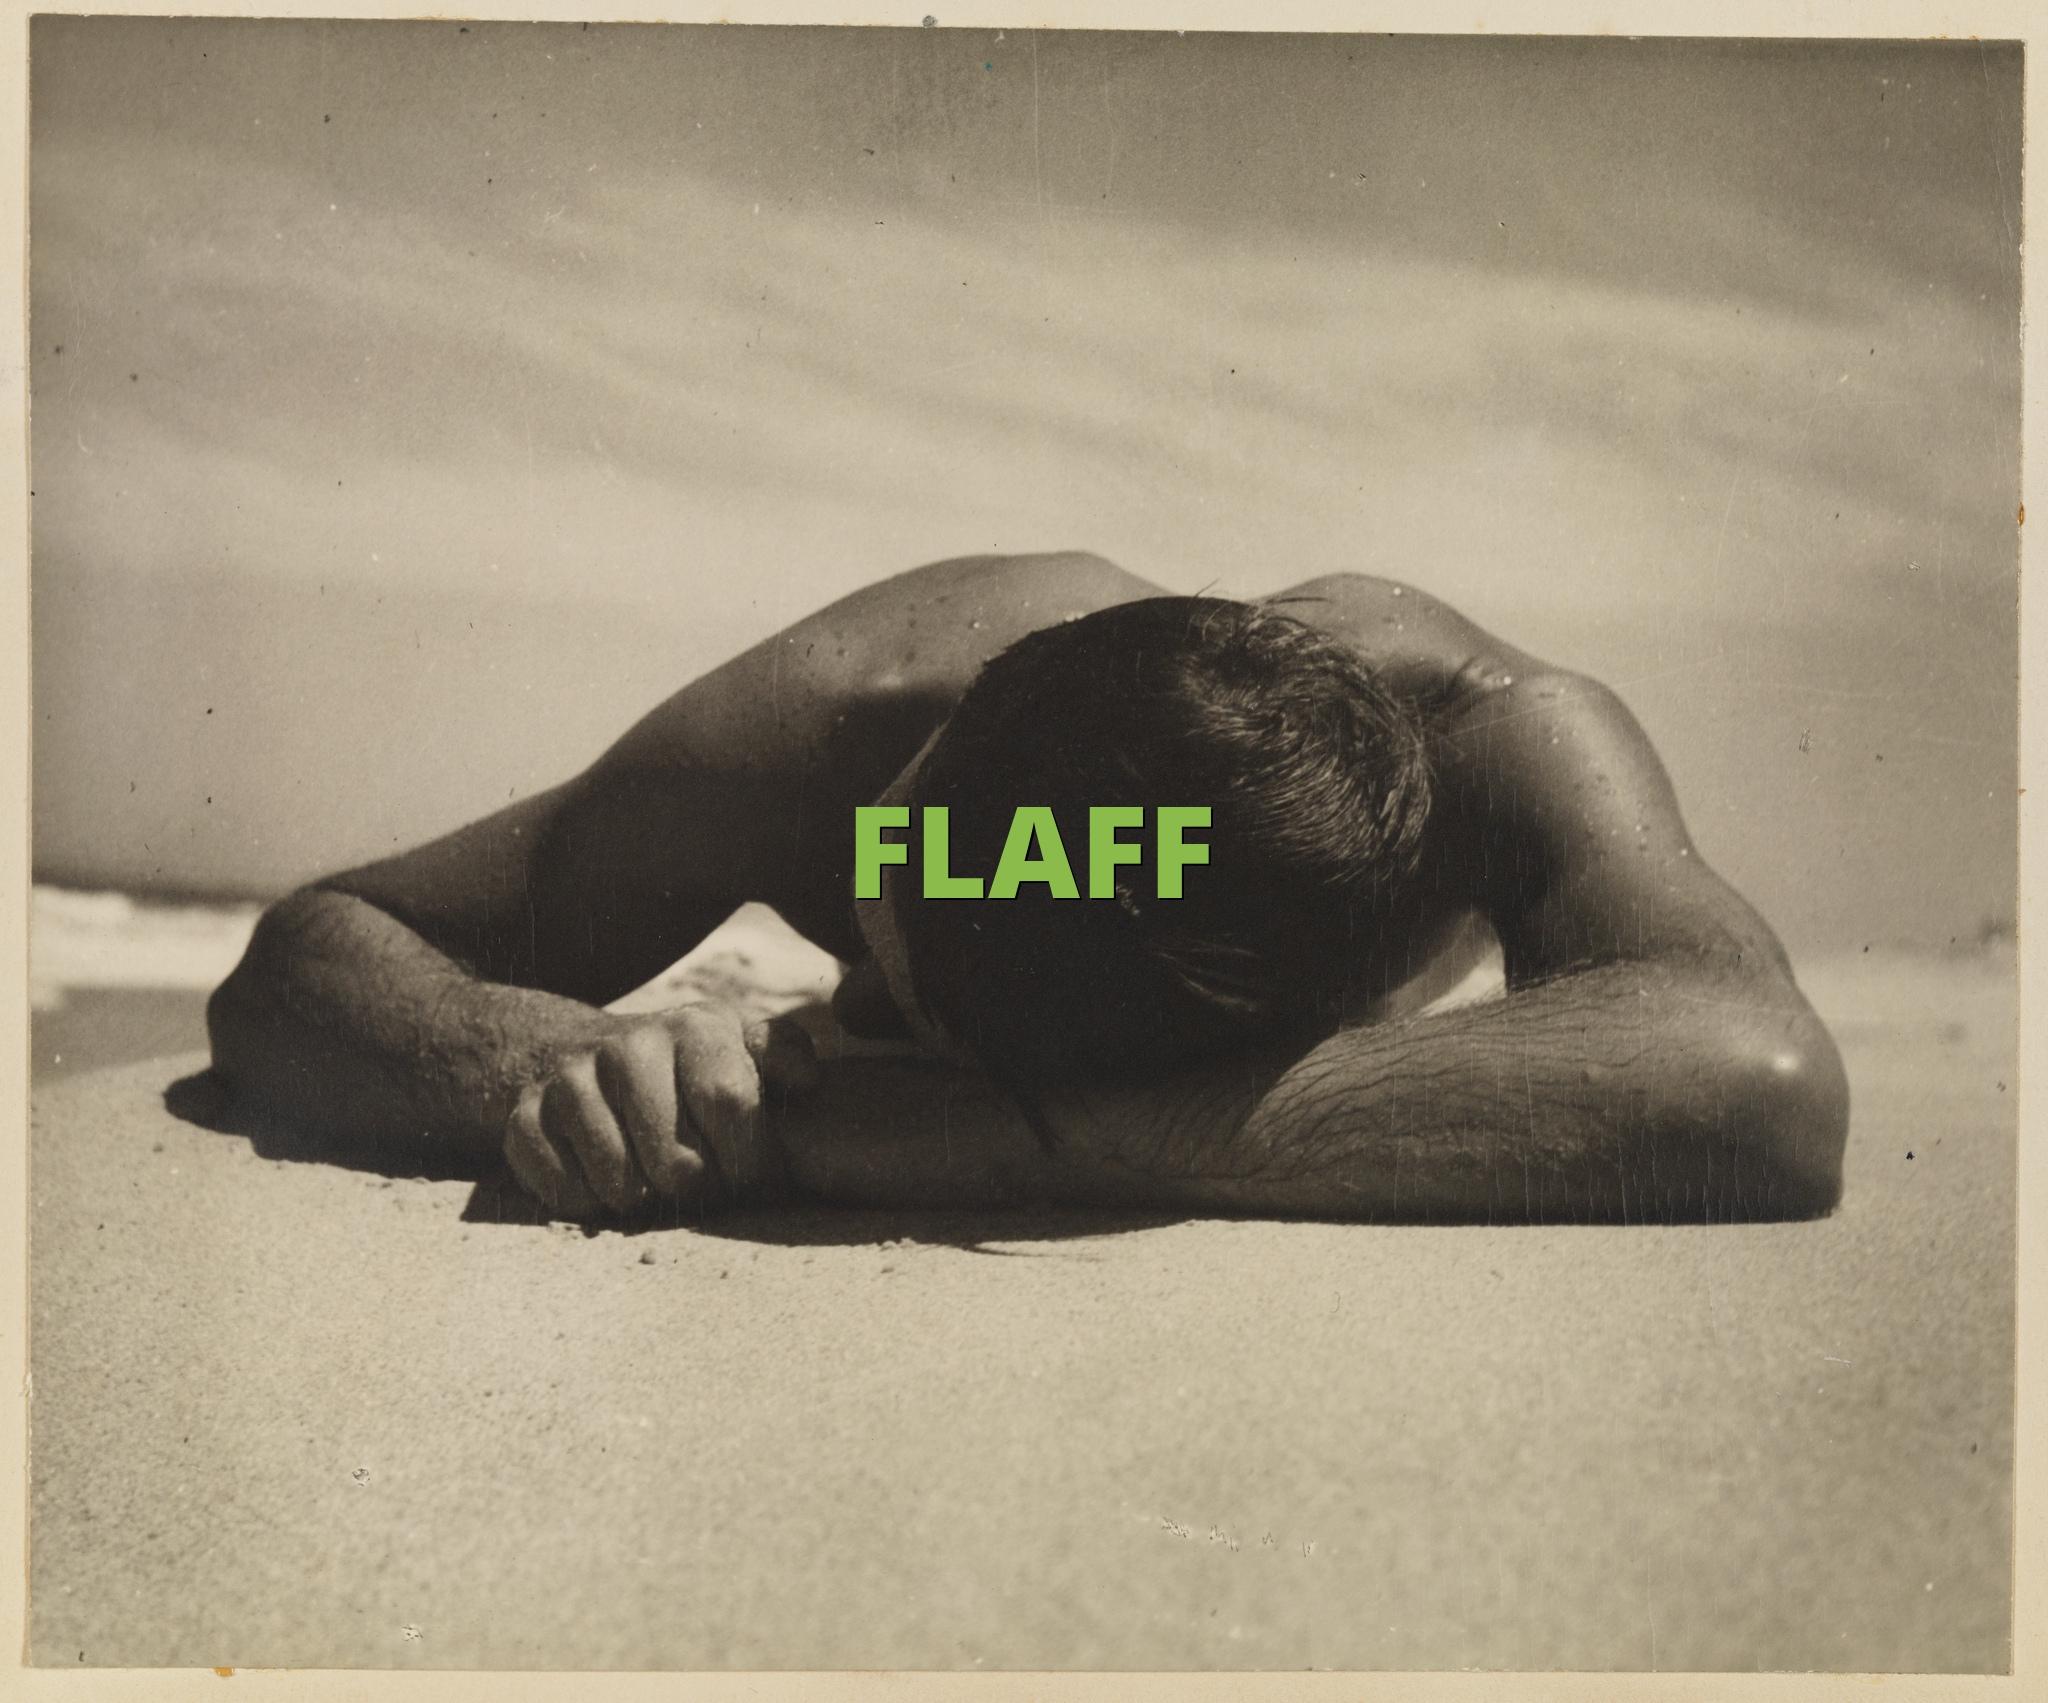 FLAFF